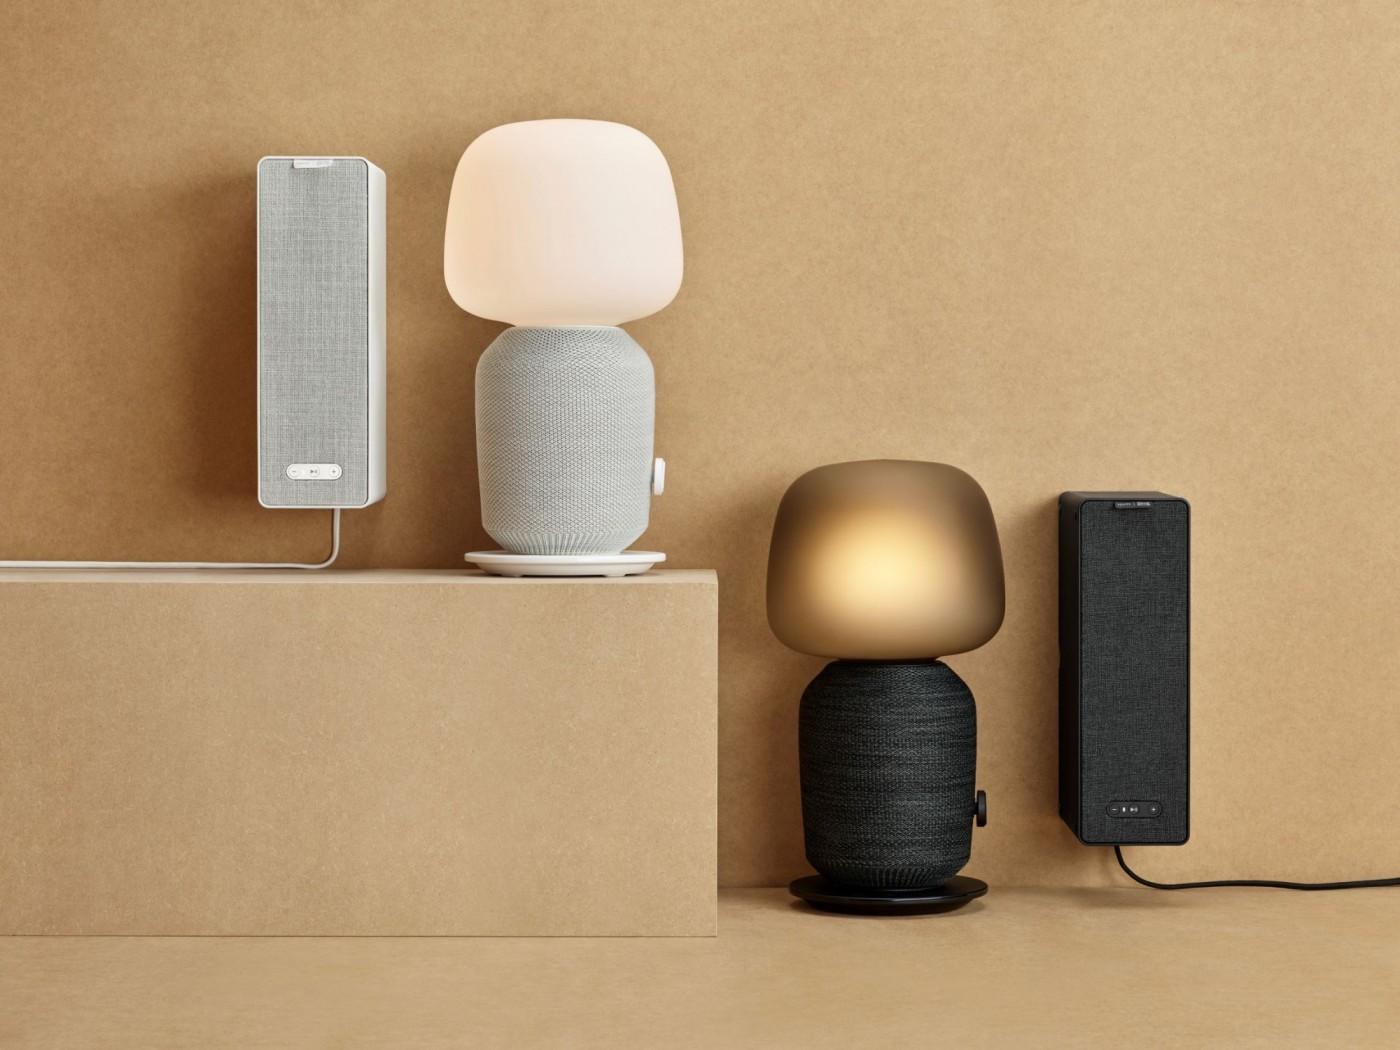 傢俱大廠IKEA找來音響商Sonos,打造平價智慧音箱